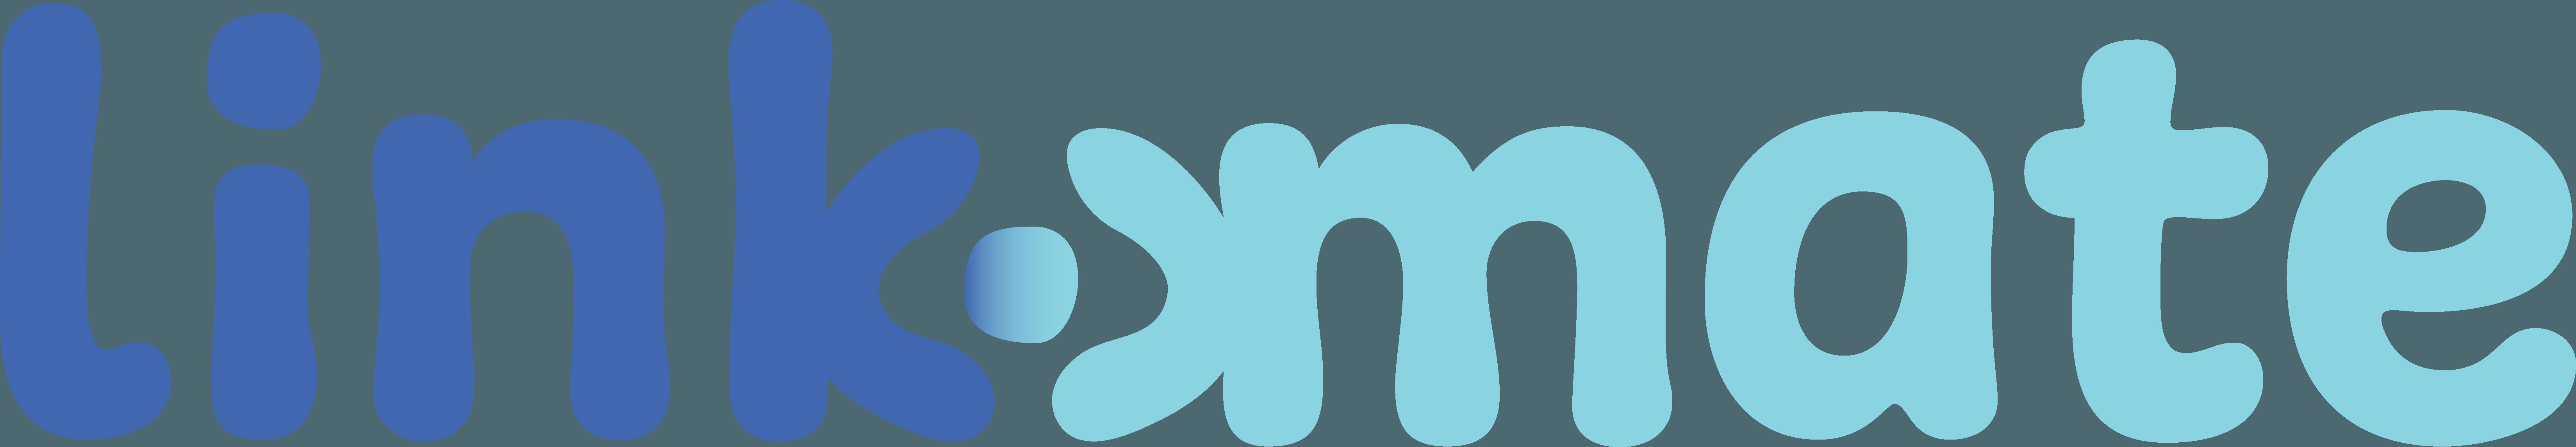 Linkmate logo